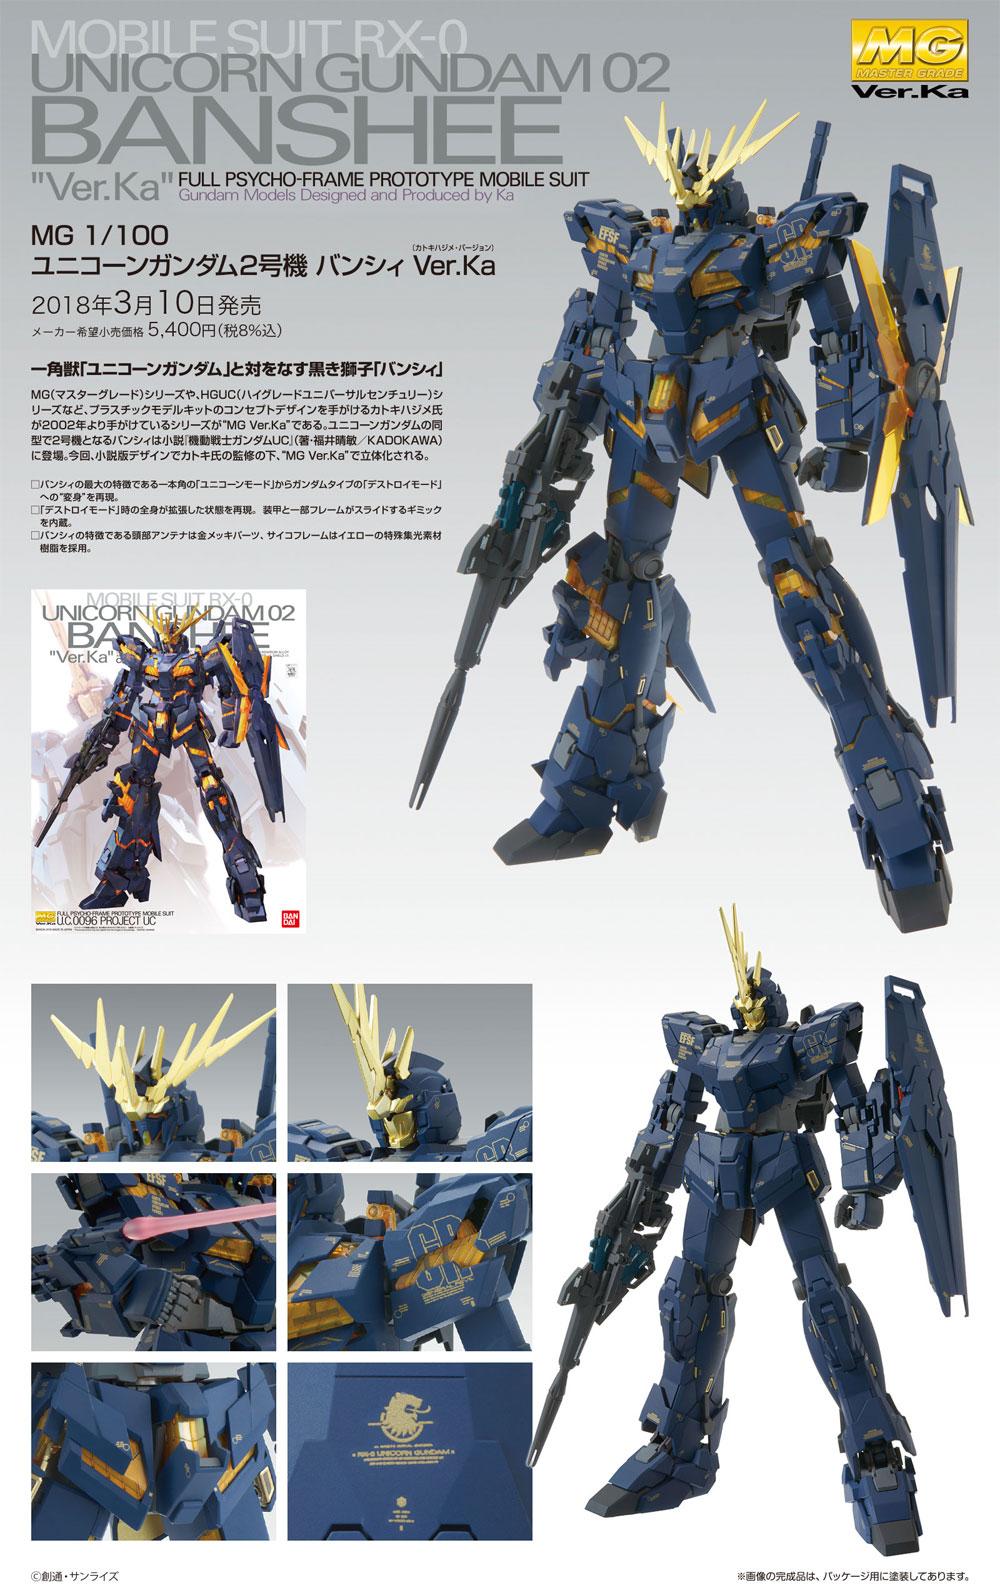 RX-0 ユニコーンガンダム 2号機 バンシィ Ver.Kaプラモデル(バンダイMG (マスターグレード)No.0227474)商品画像_4